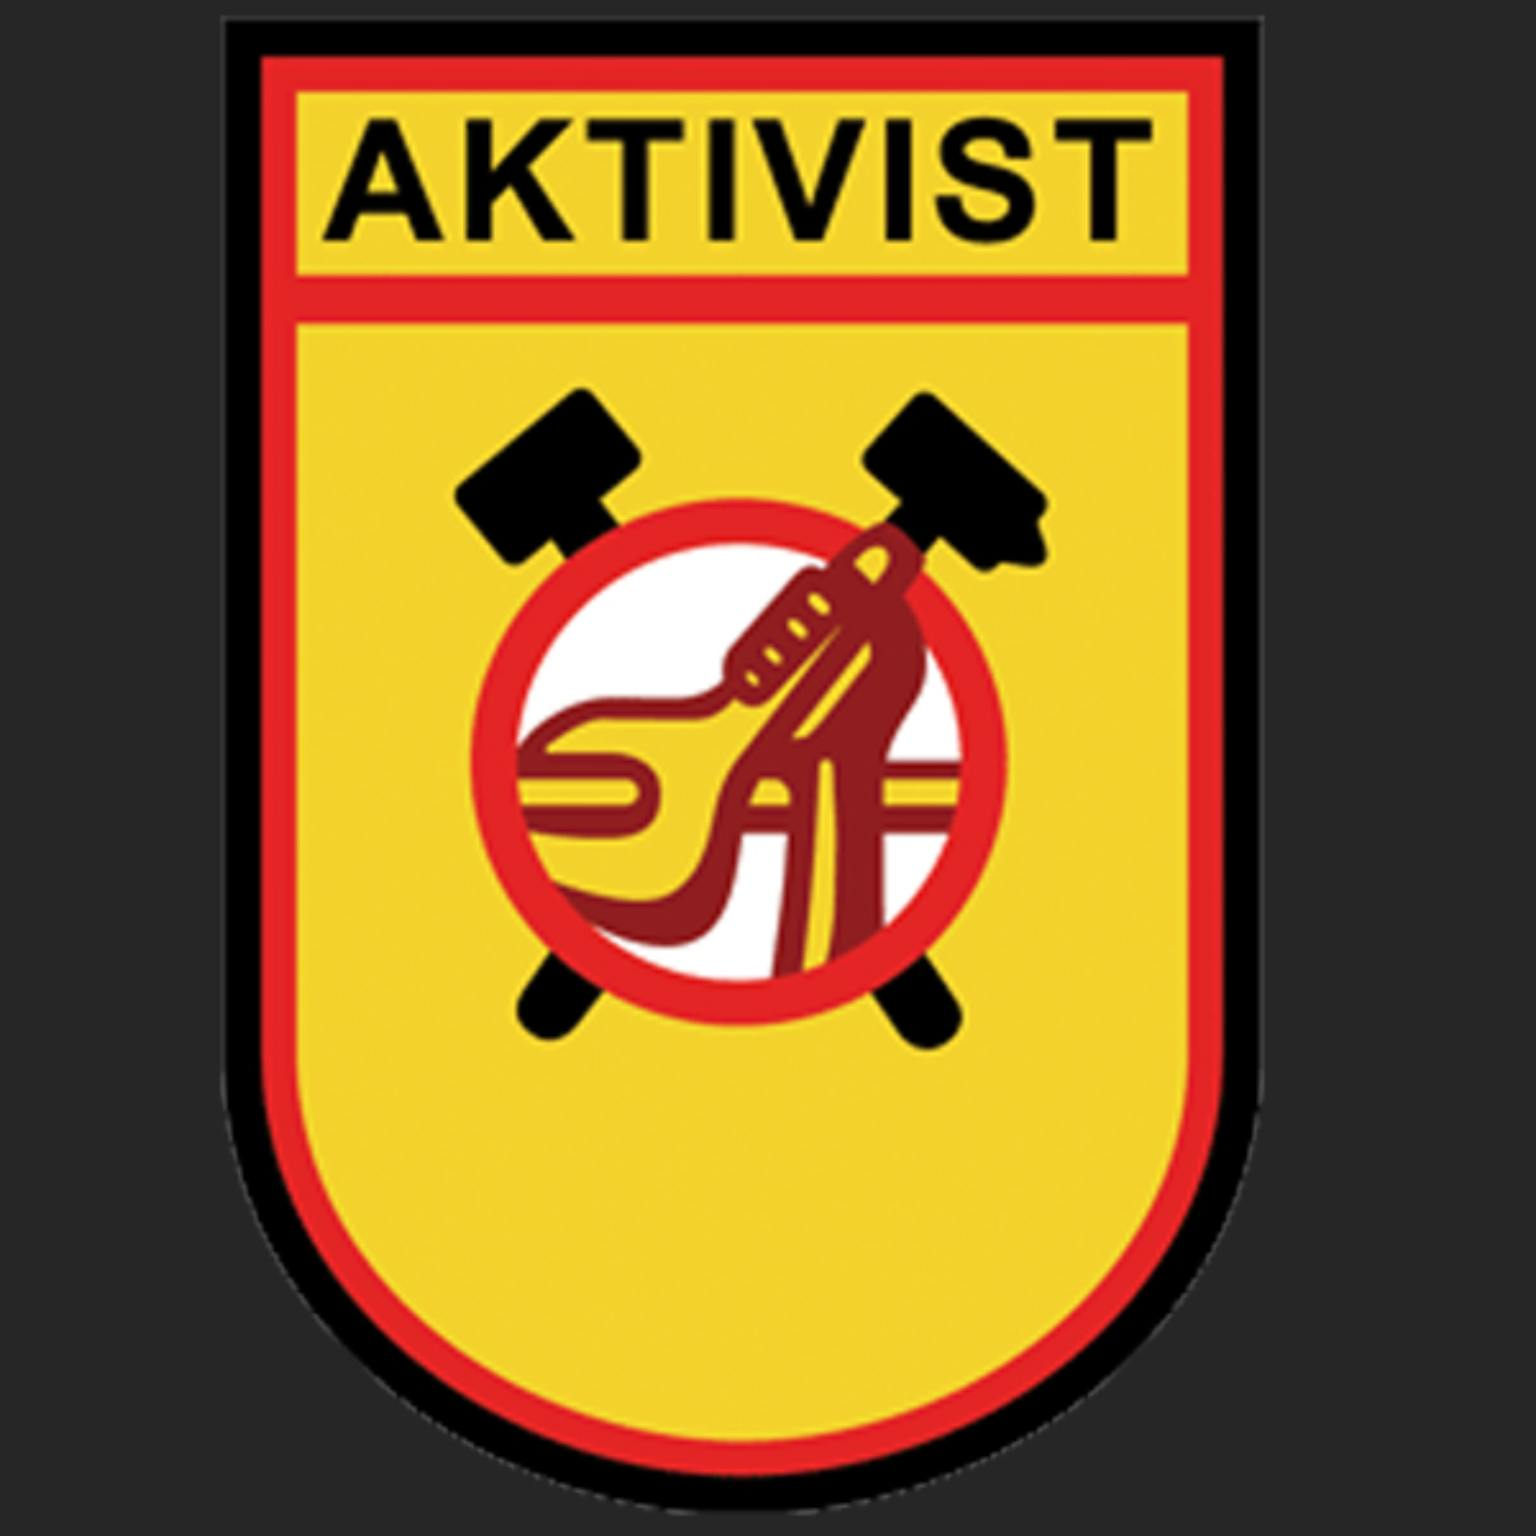 Standardwappen_Aktivist-standard.jpg